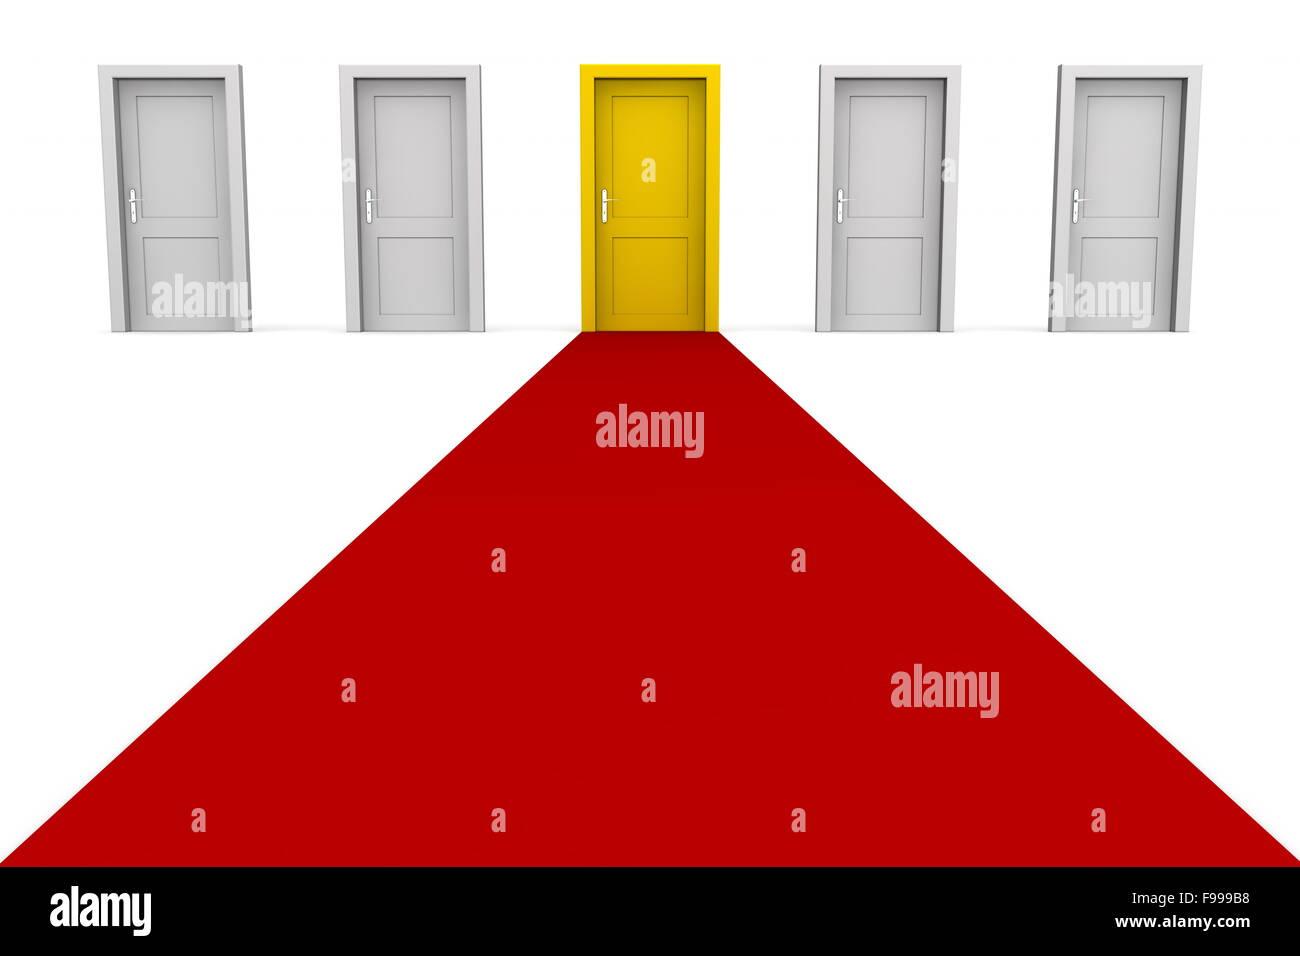 Cinco puertas y una alfombra roja - Amarillo Imagen De Stock